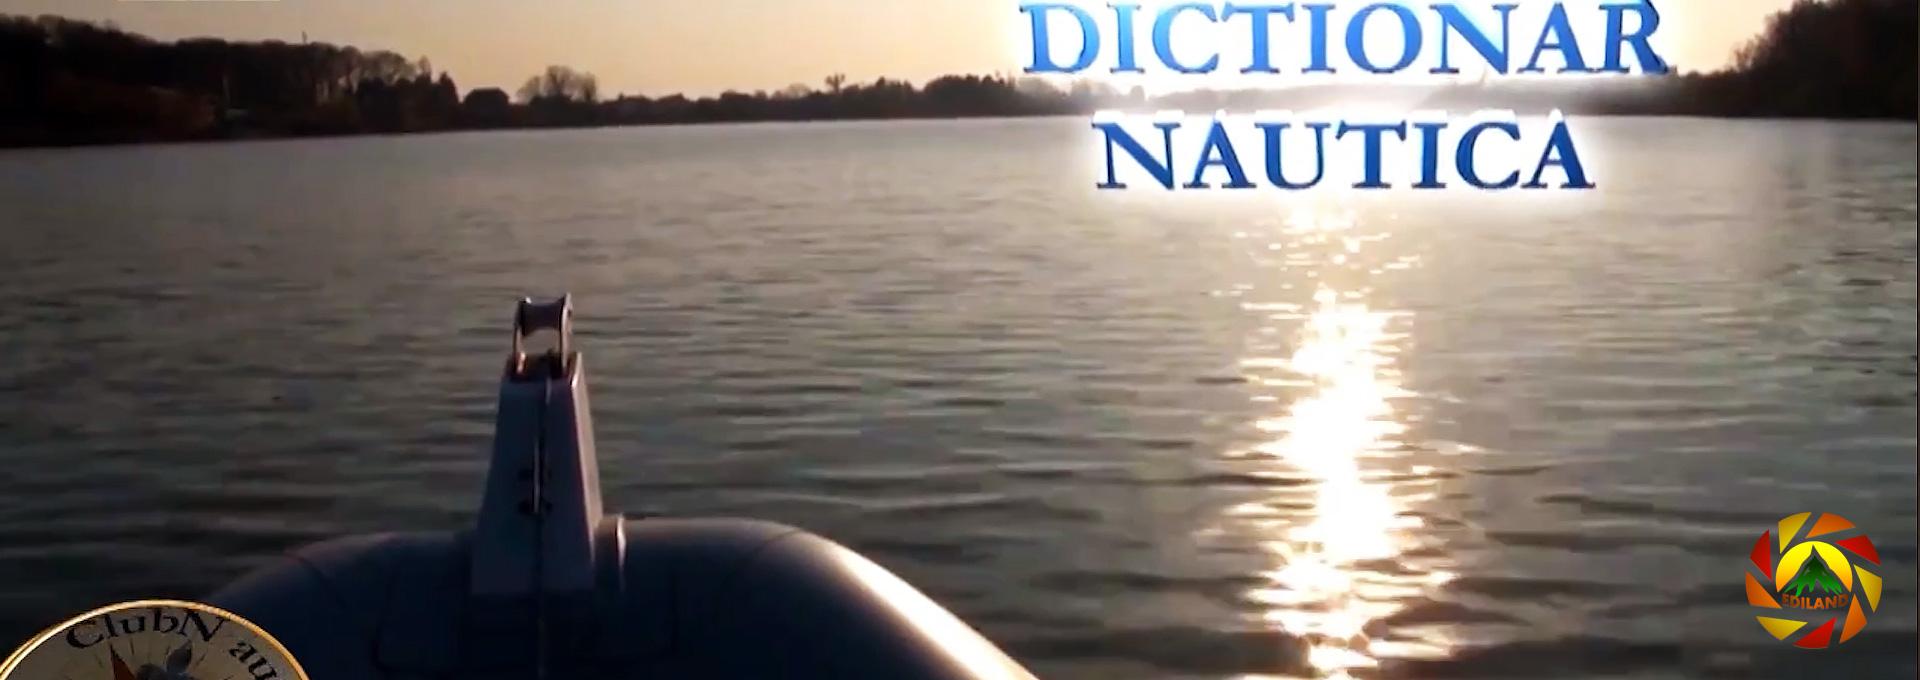 Club Nautica S01E02